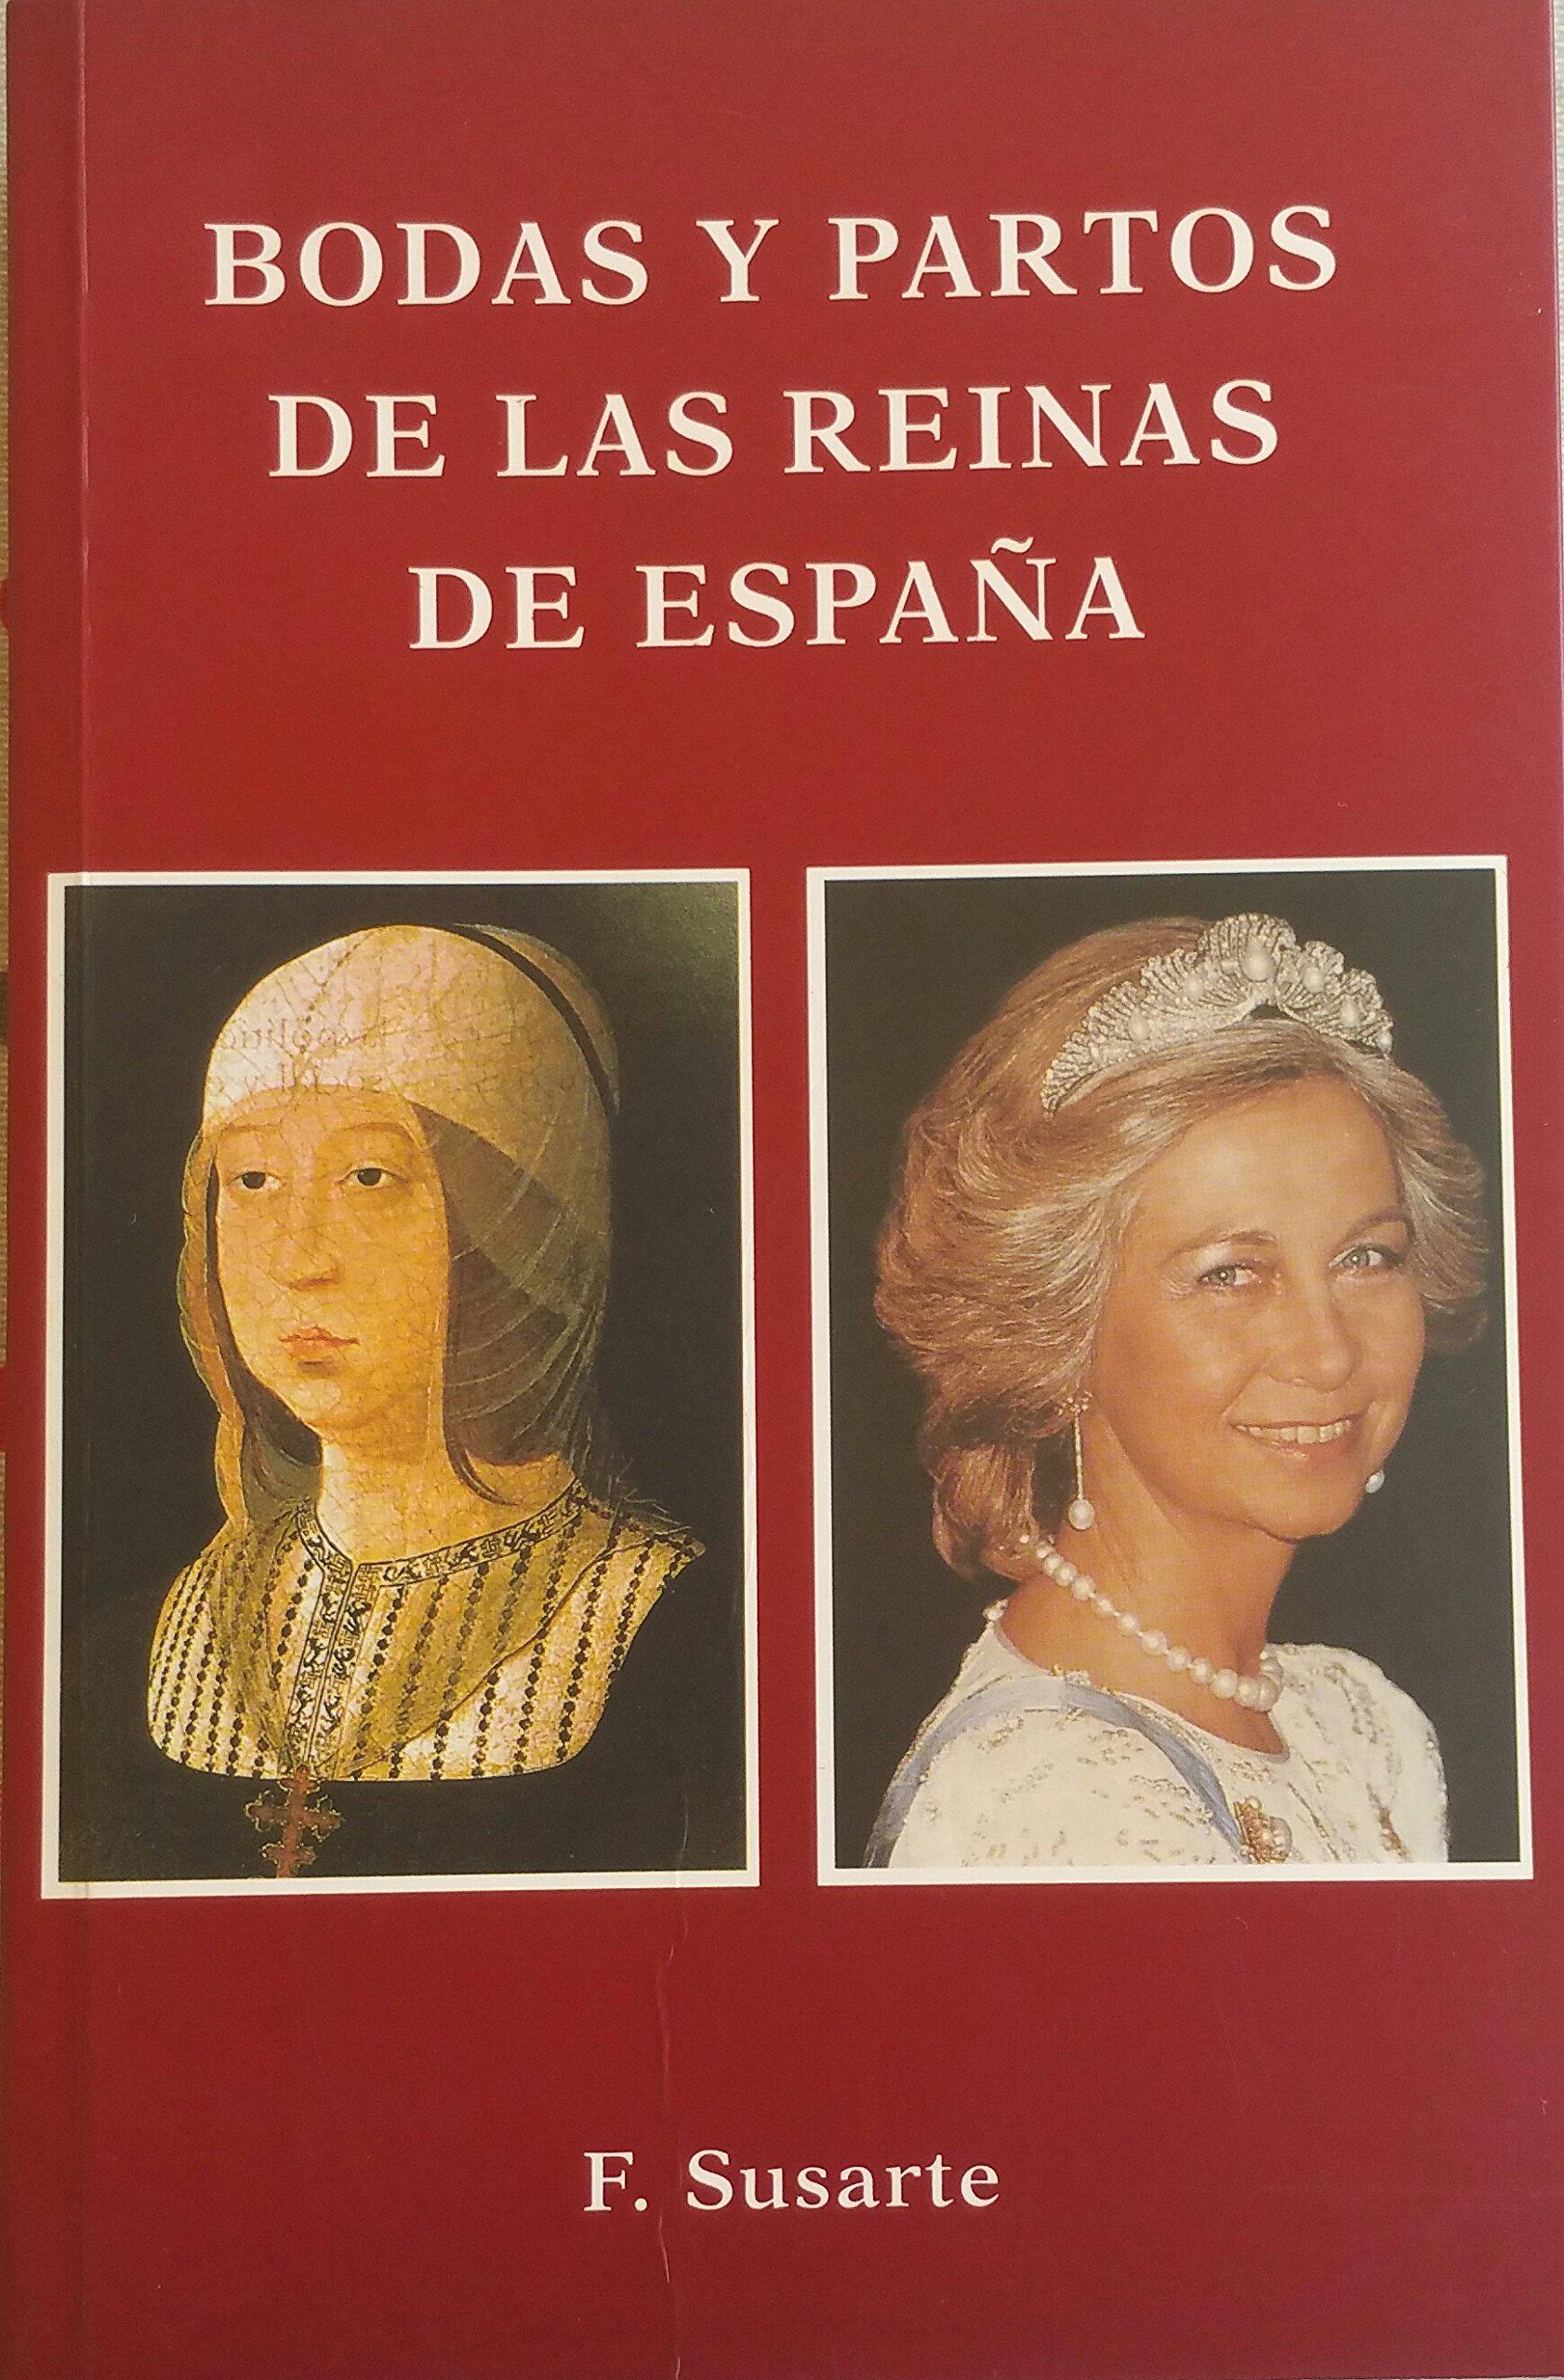 BODAS Y PARTOS DE LAS REINAS DE ESPAÑA: Amazon.es: Susarte, F.: Libros